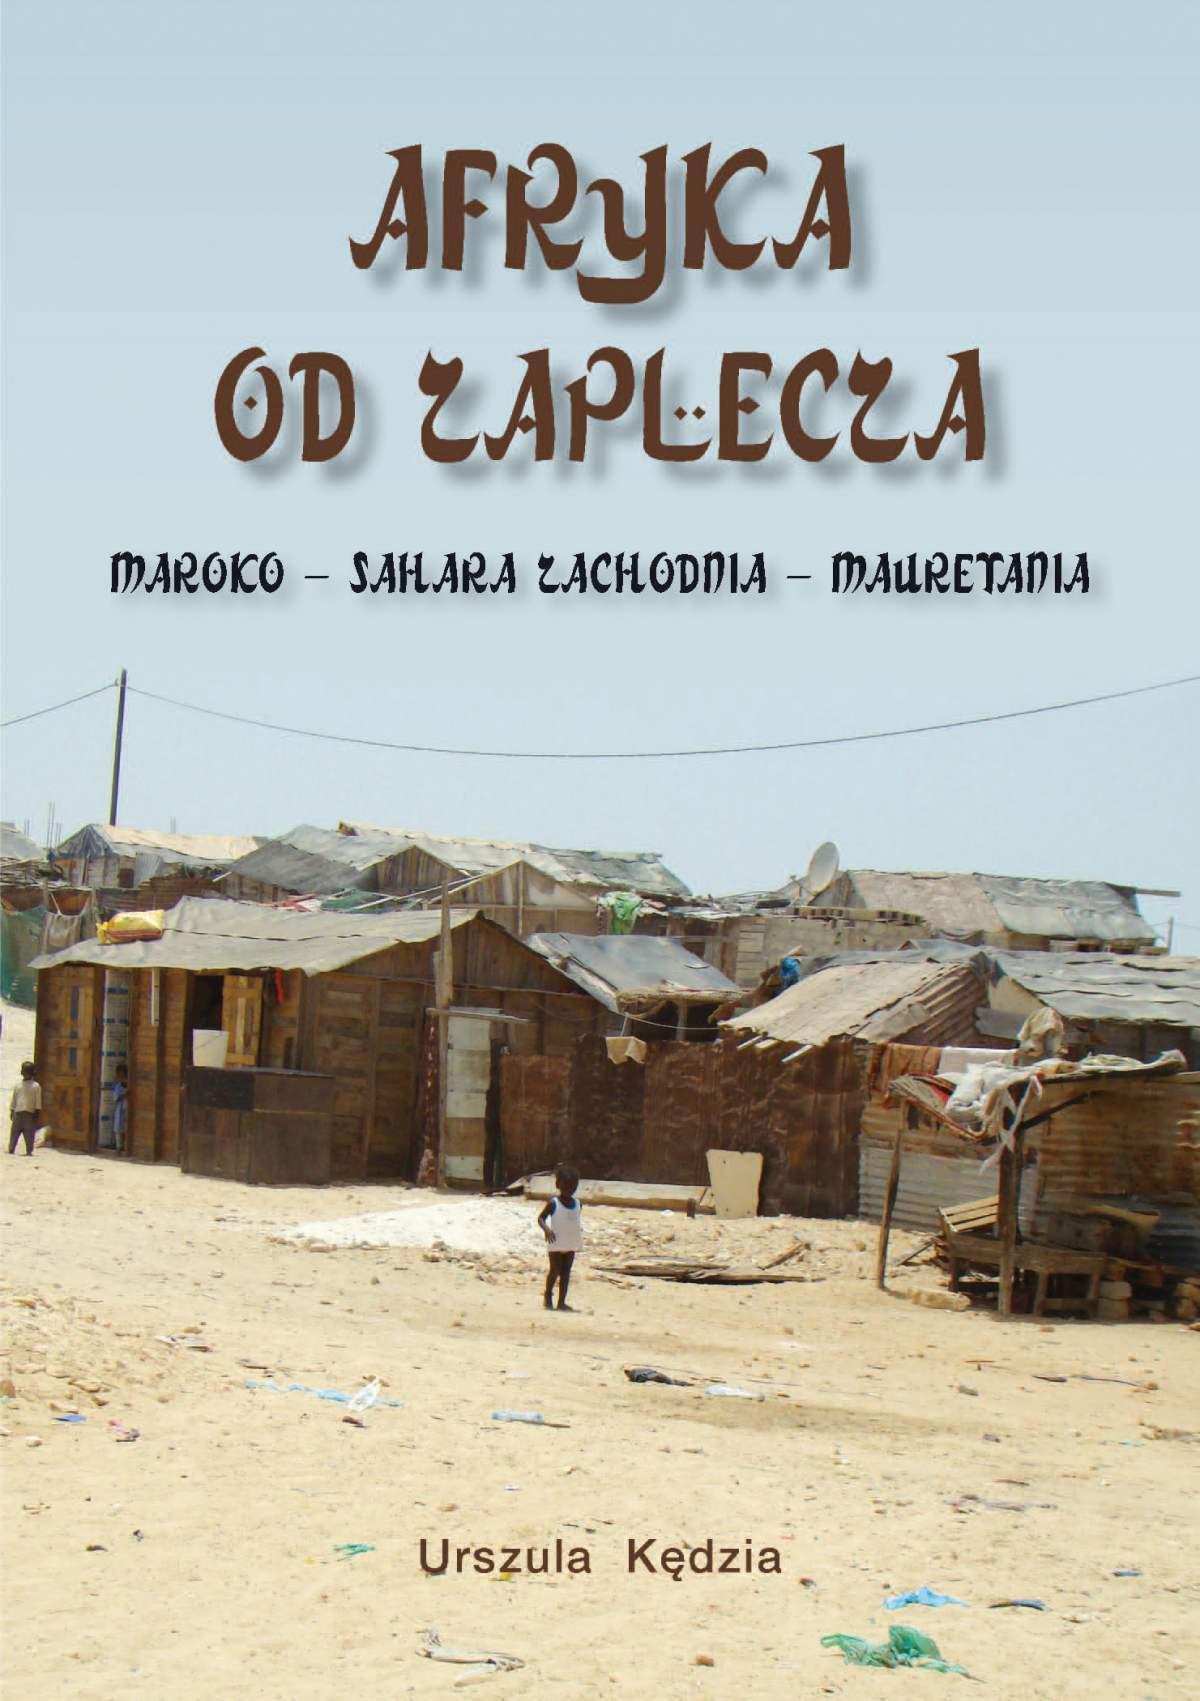 Afryka od zaplecza. Maroko – Sahara Zachodnia – Mauretania - Ebook (Książka EPUB) do pobrania w formacie EPUB